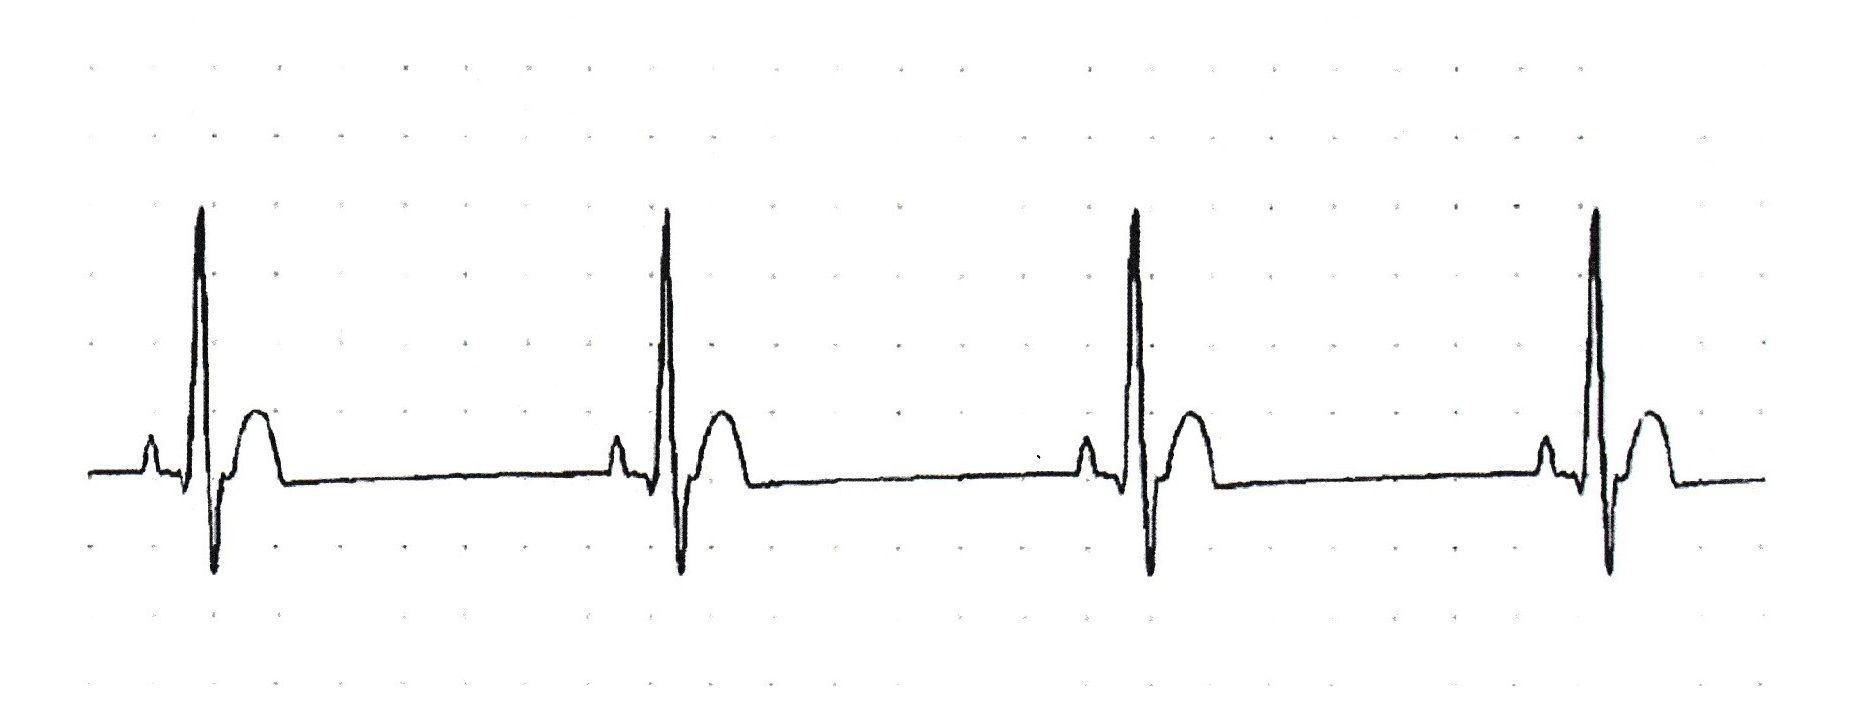 計算 心電図 心拍 数